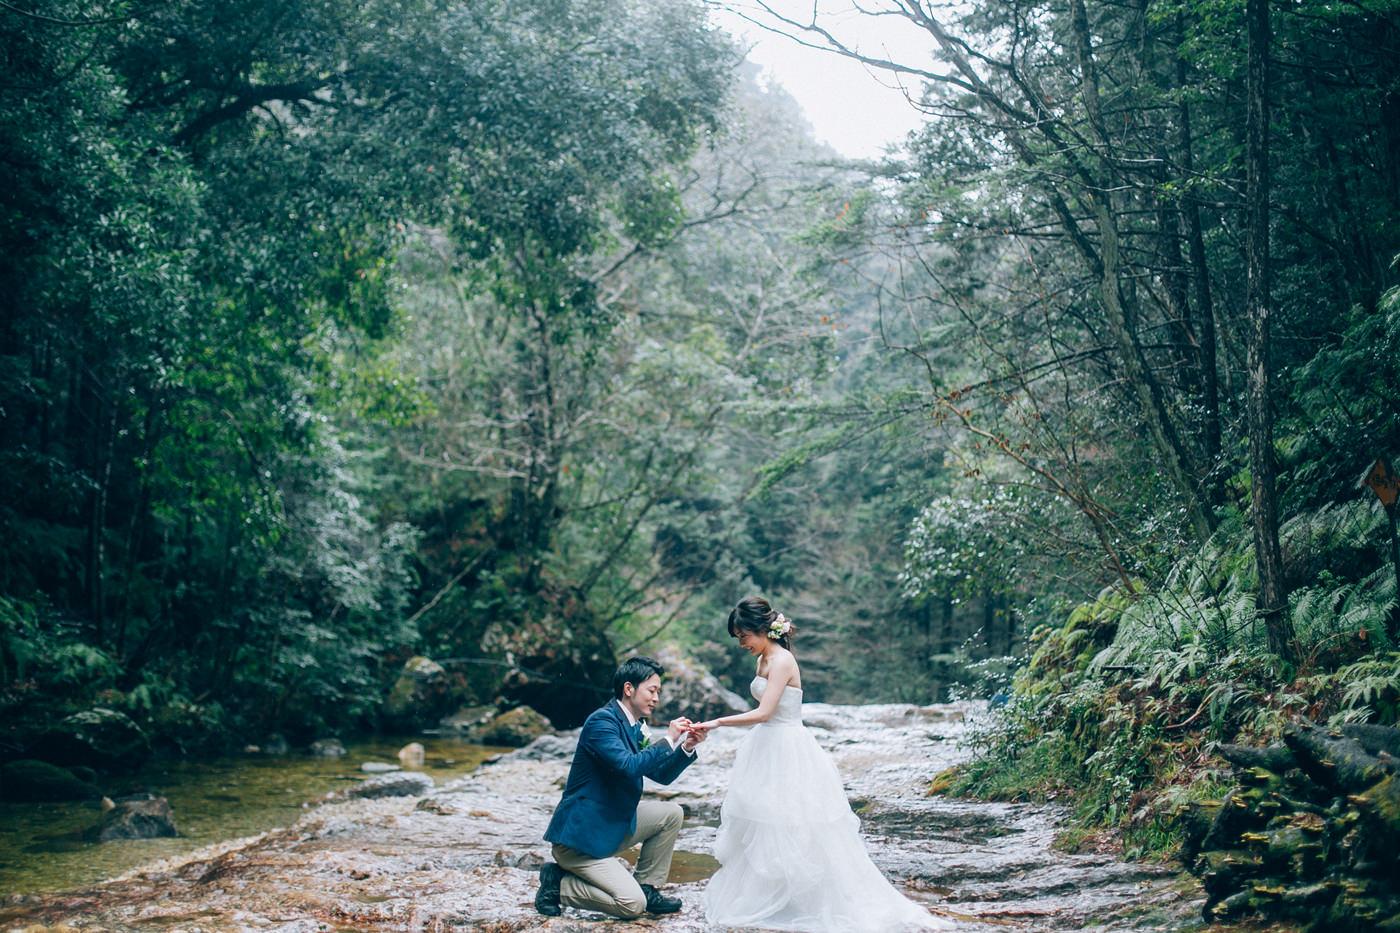 愛知婚紗拍攝